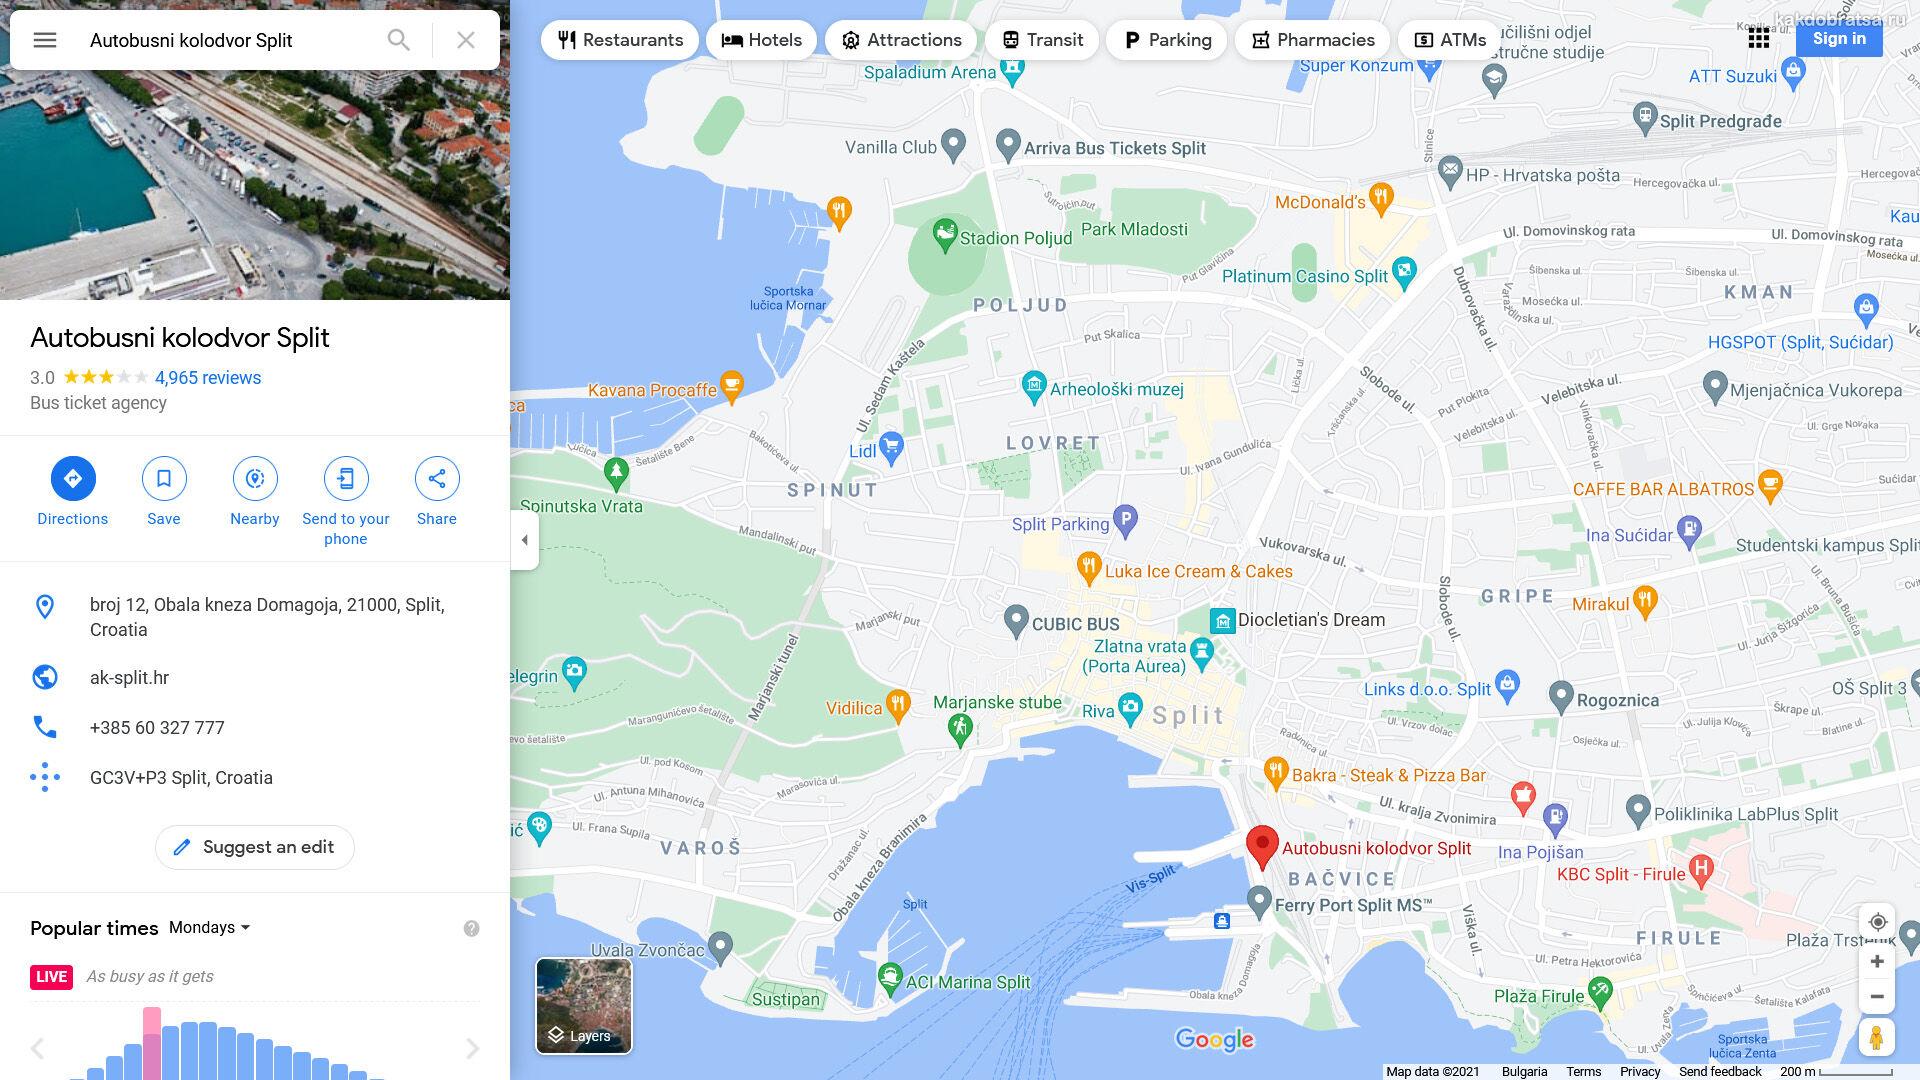 Сплит автовокзал где находится и точка на карте